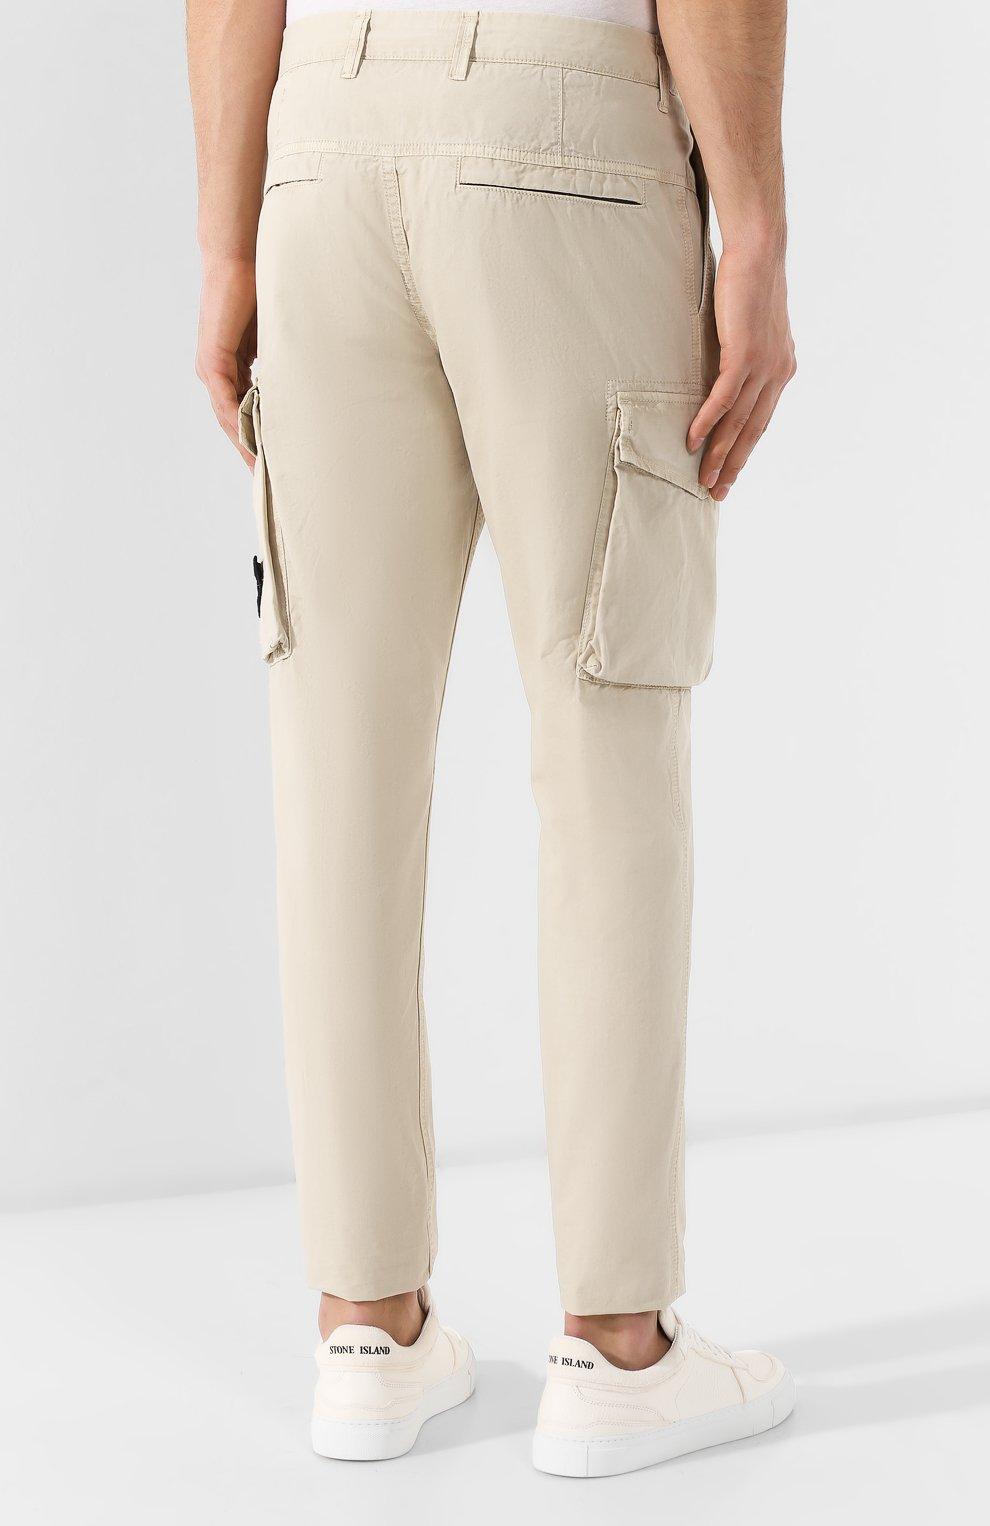 fc6b12ea5dd Мужские бежевые хлопковые брюки карго STONE ISLAND — купить за 18250 ...